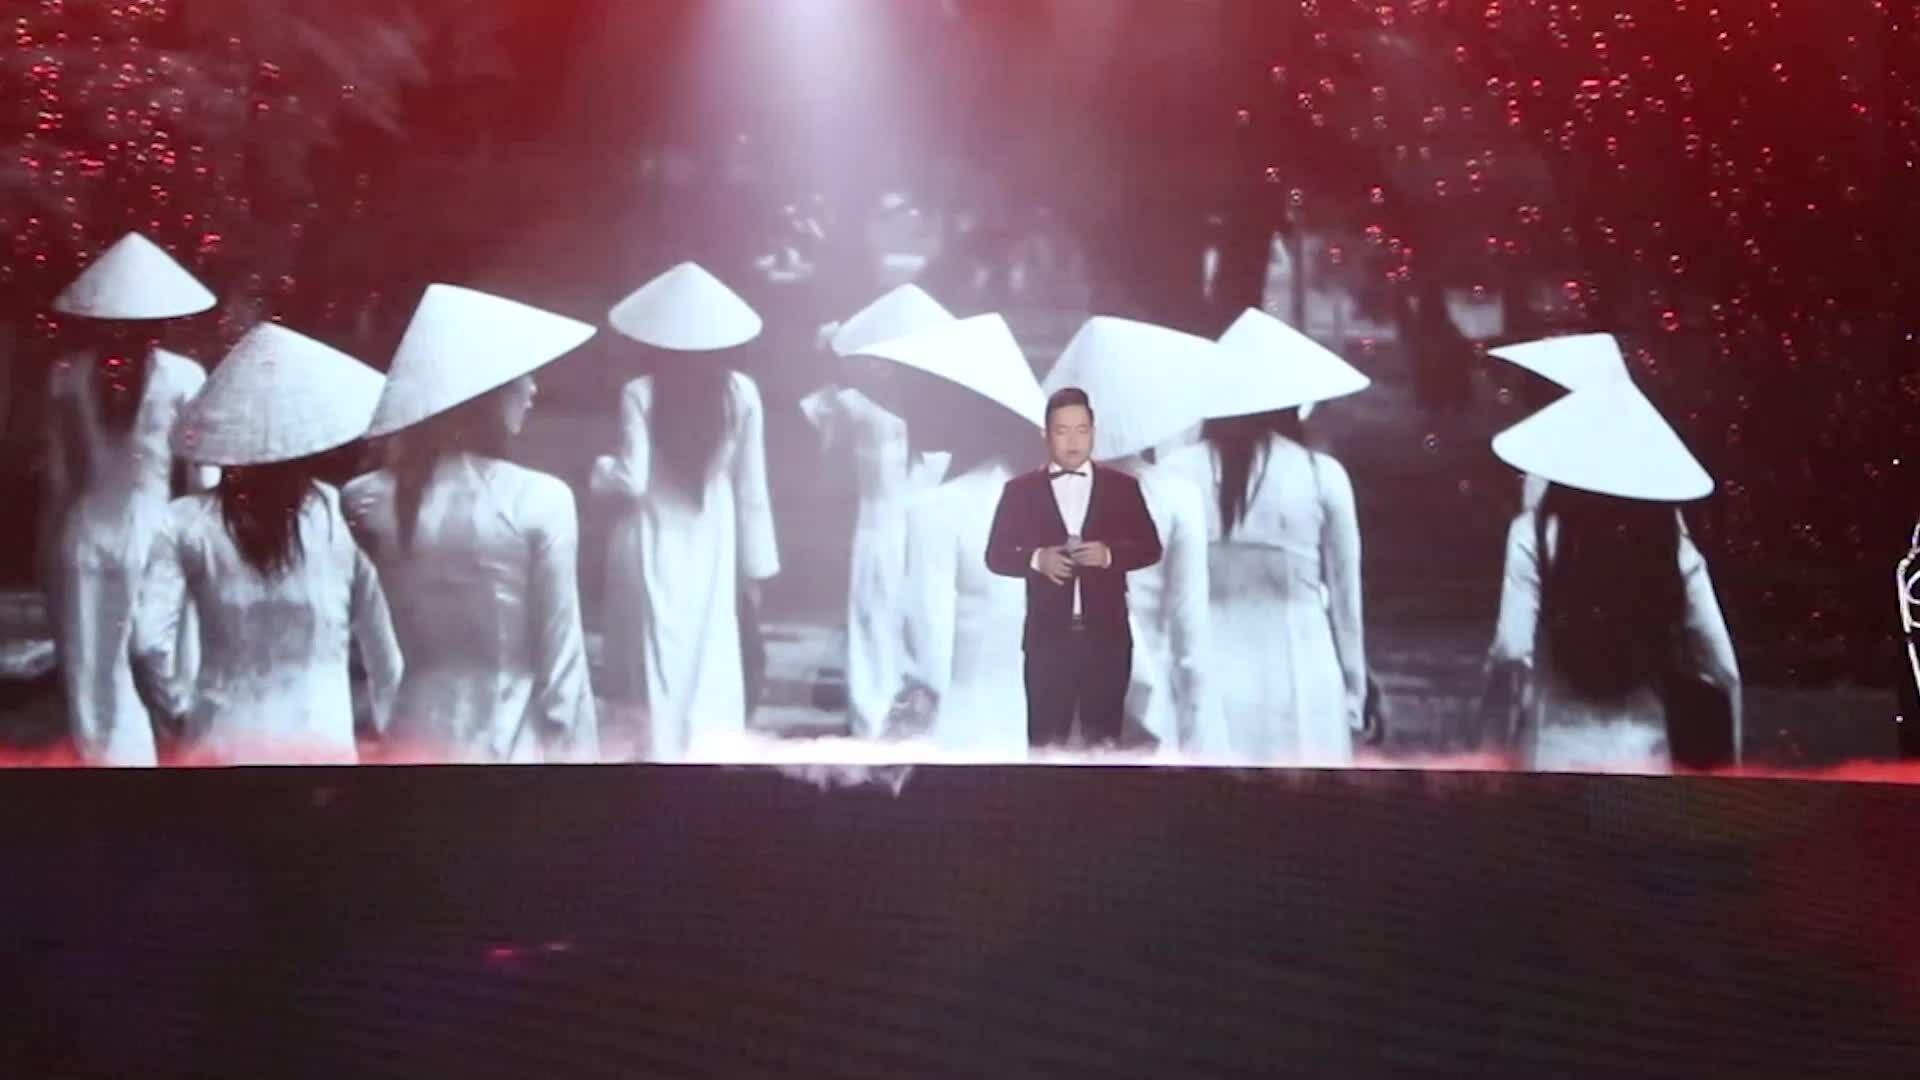 Đêm nhạc gây quỹ hơn 12 tỷ cho miền Trung